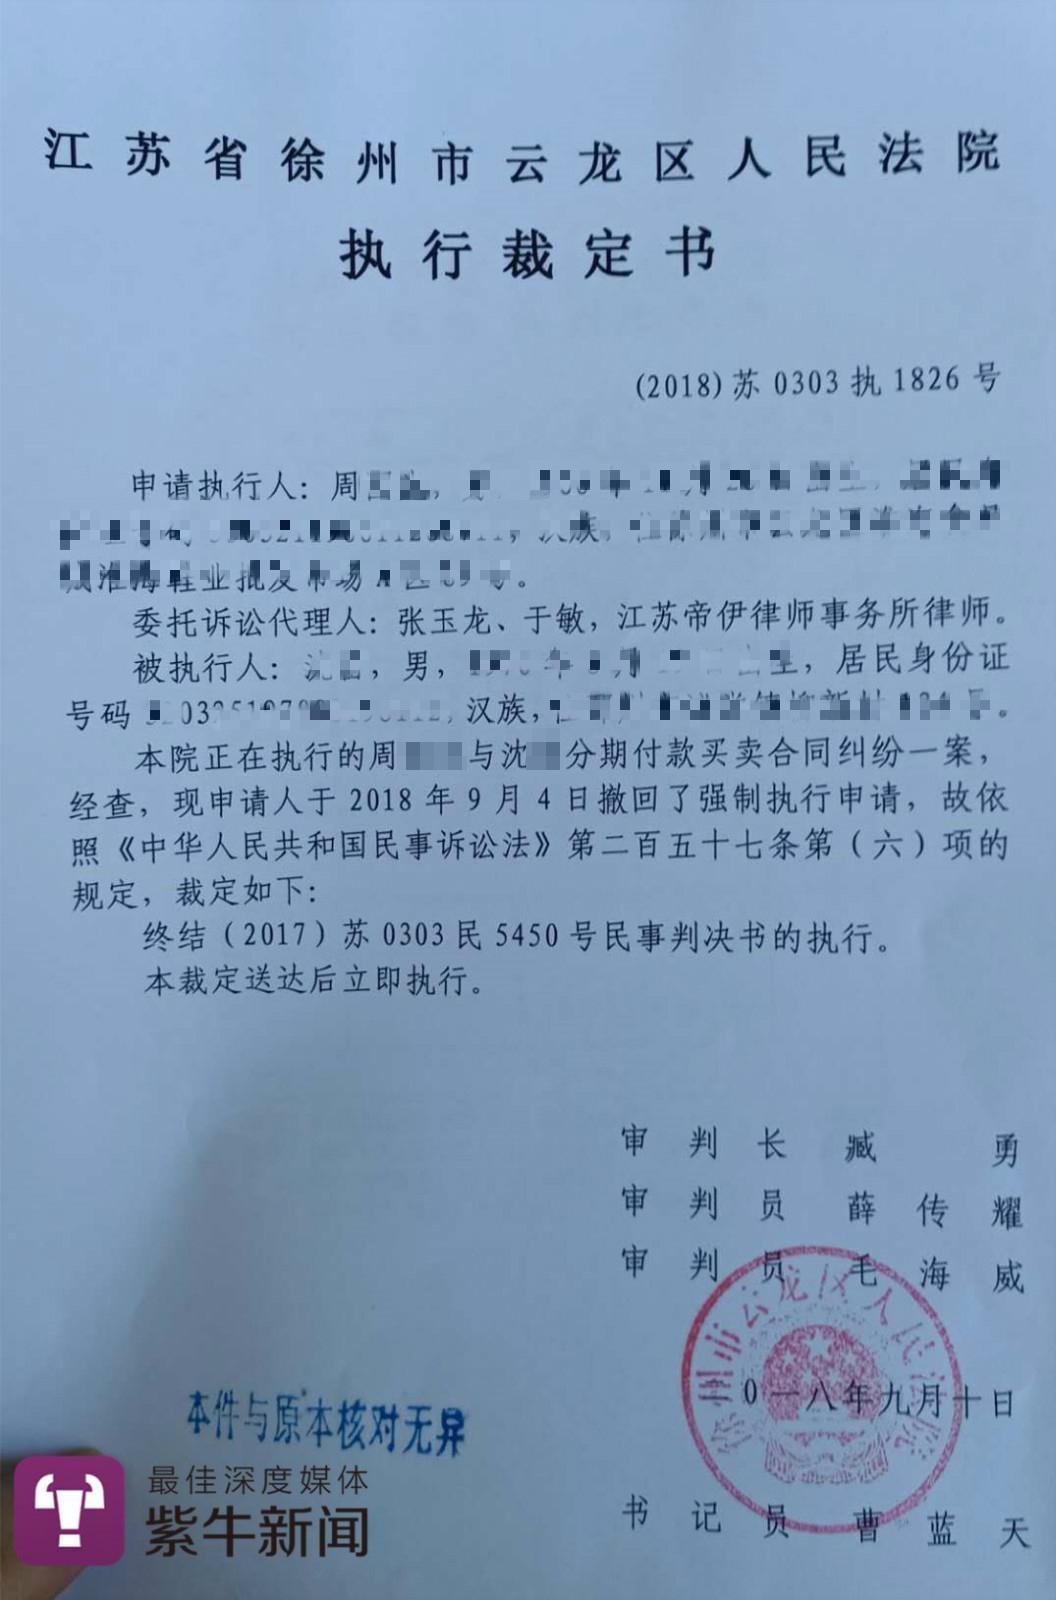 """企业高管被告错还被列为""""老赖"""" 法院道歉决定再审"""